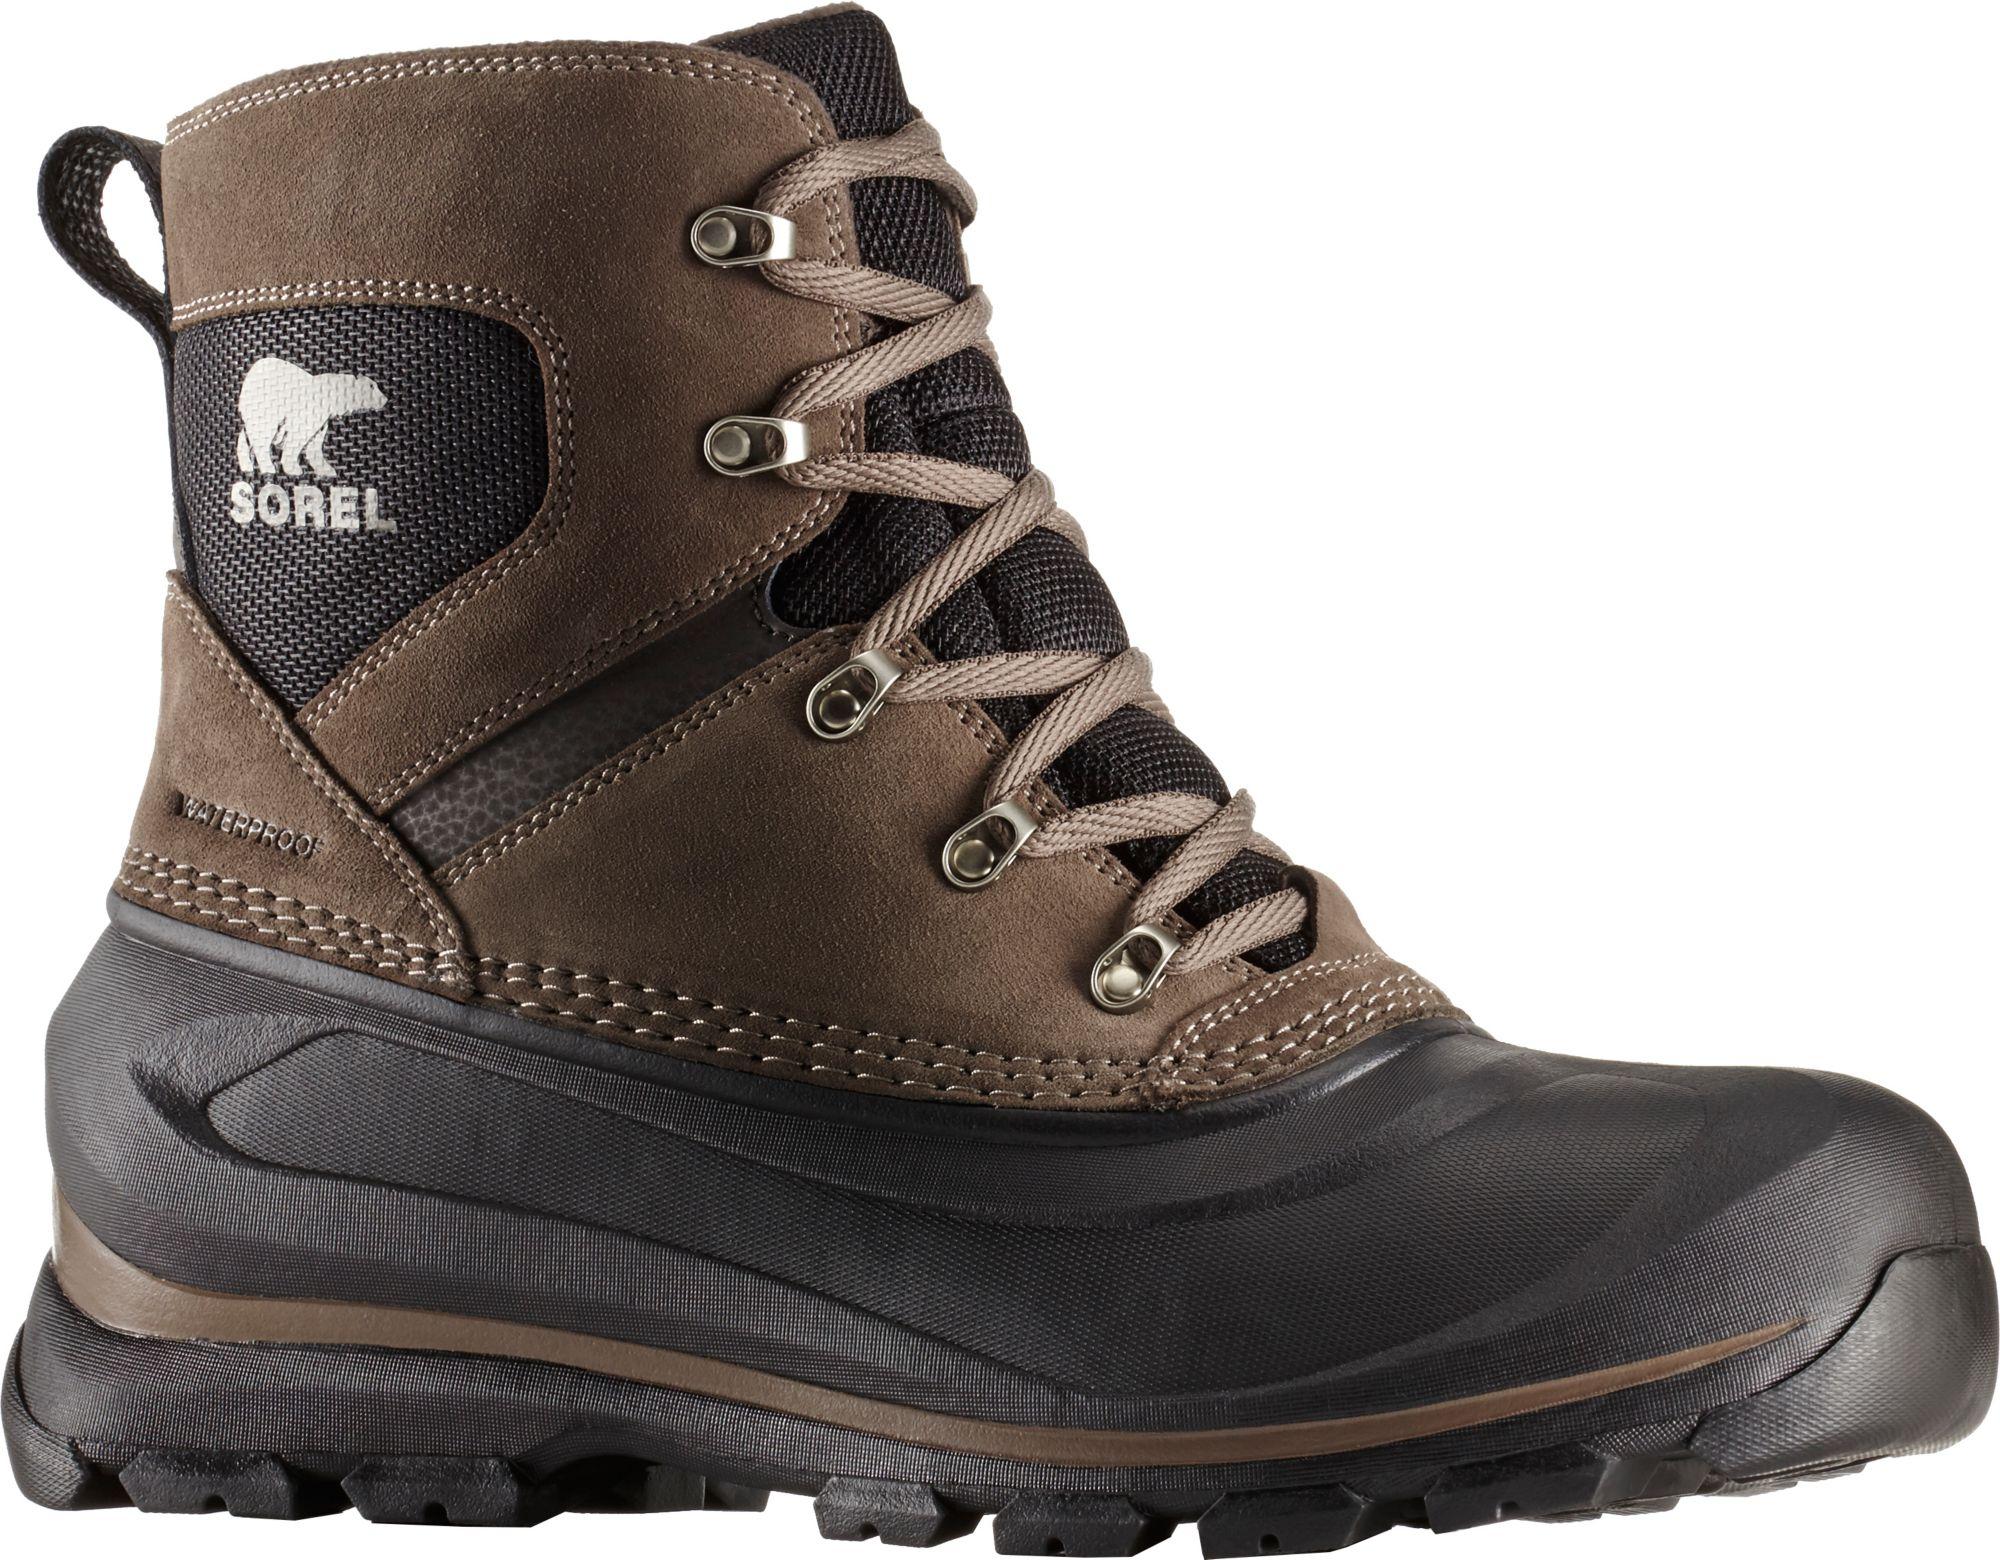 494c4db355d SOREL Men's Buxton Lace Winter Boots